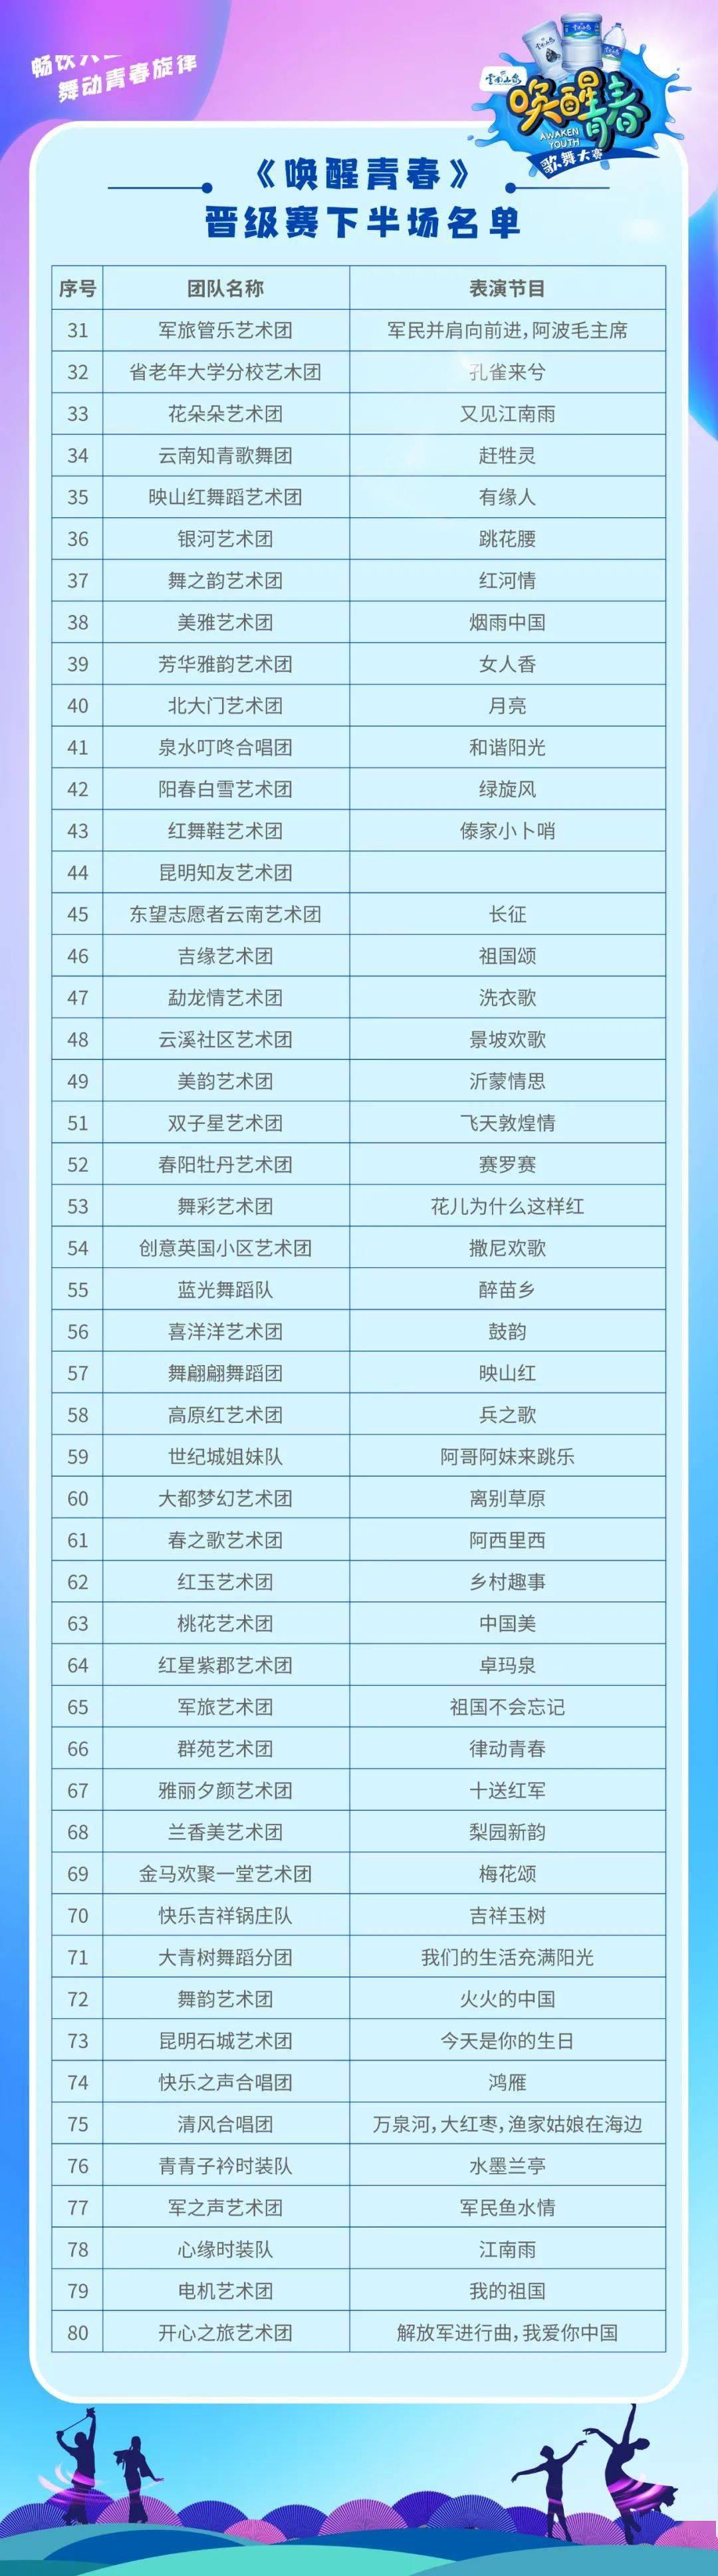 """""""叫醒青春""""晋级赛演出节目表""""BC体育游戏首页""""(图2)"""